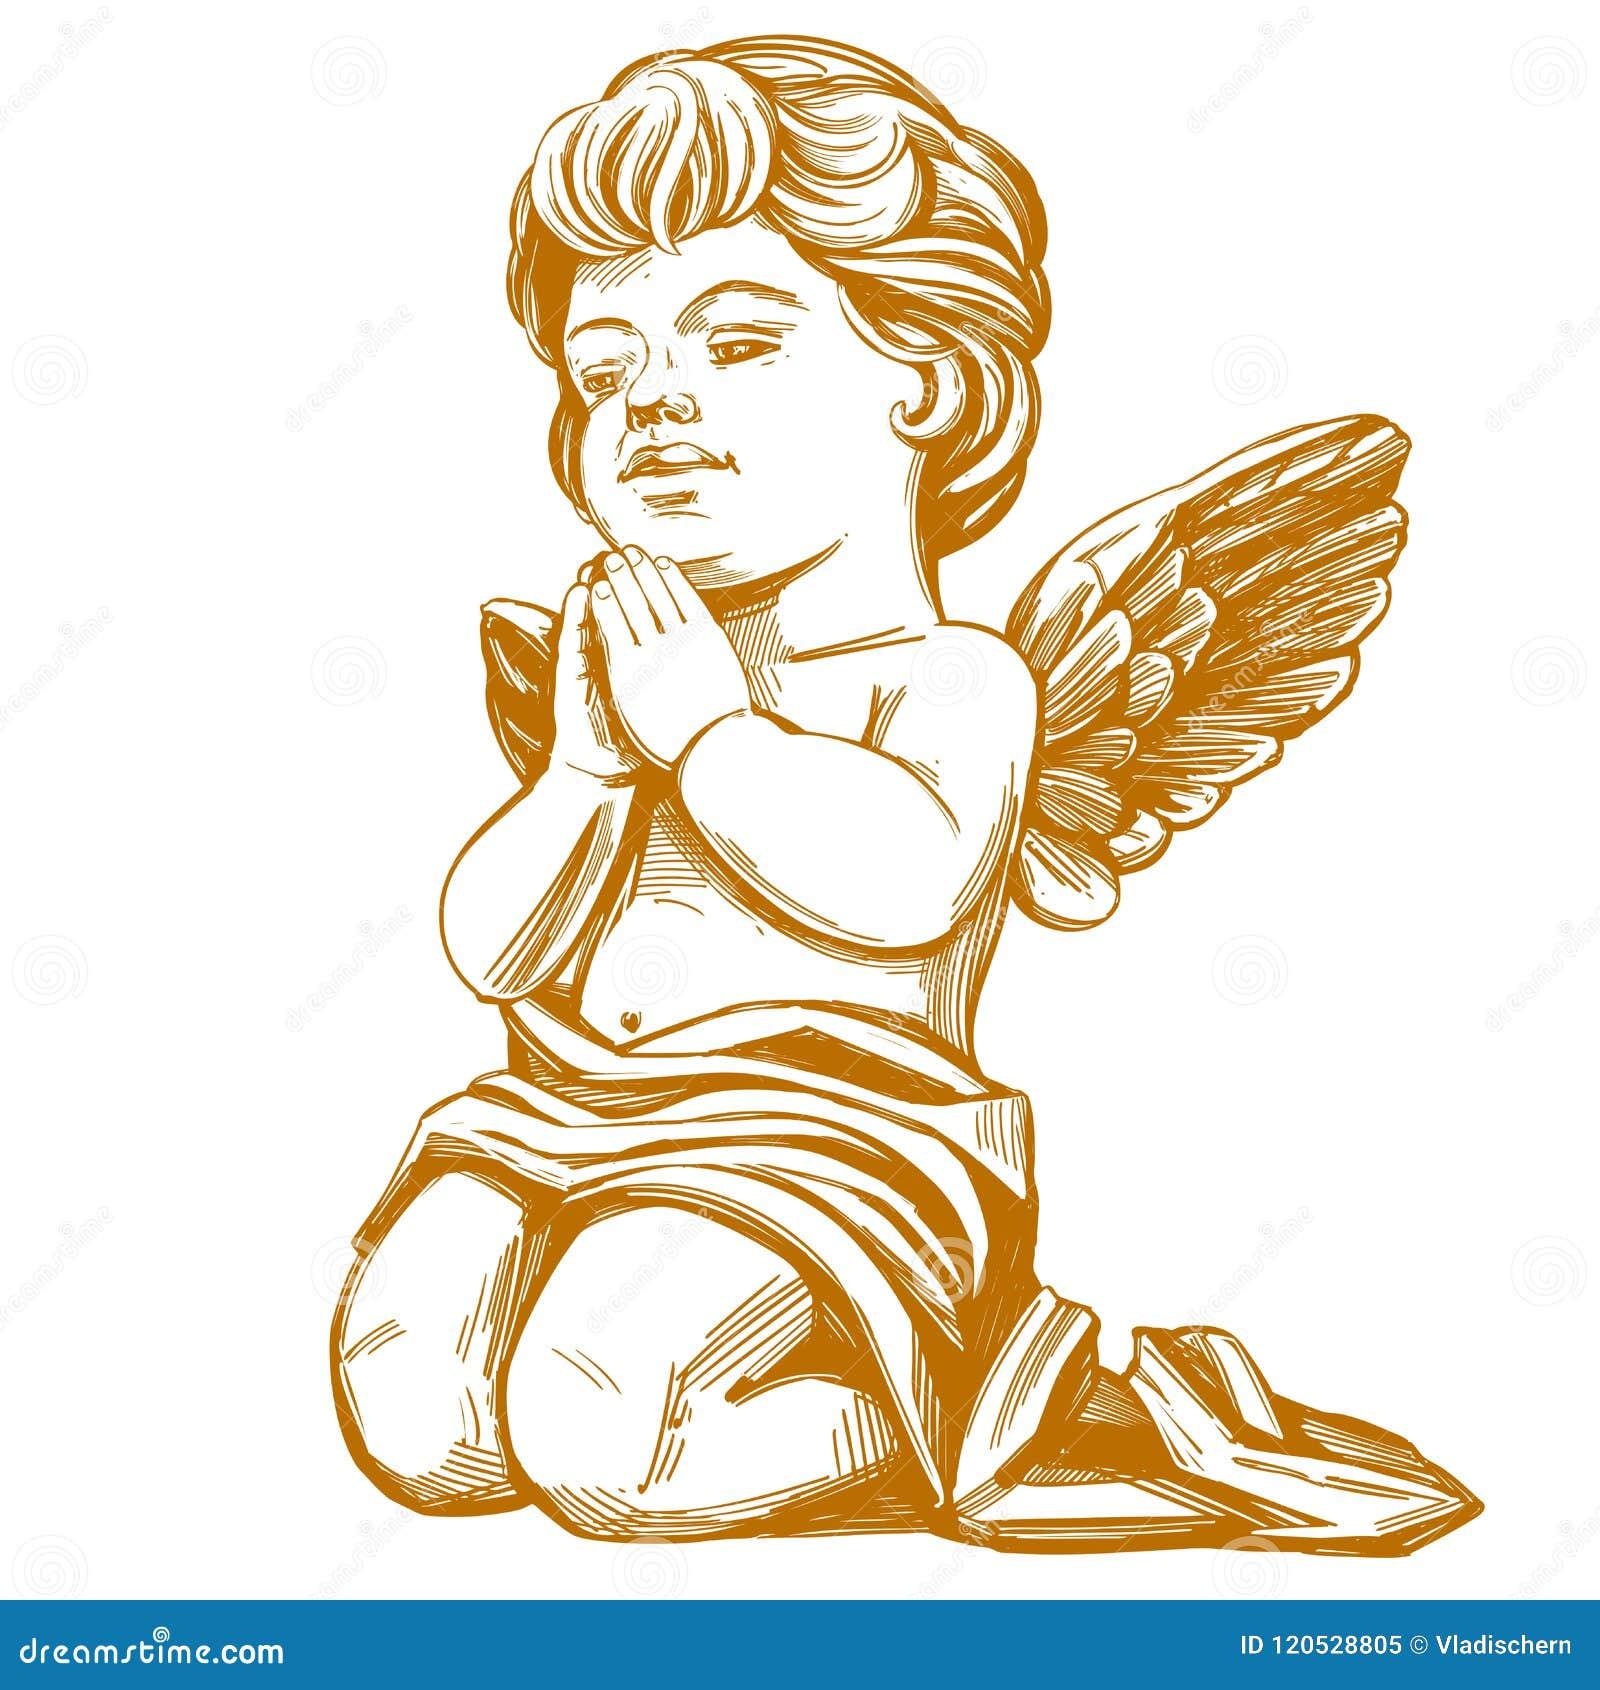 Dessin Ange Realiste l'ange prie sur son croquis réaliste d'illustration tirée